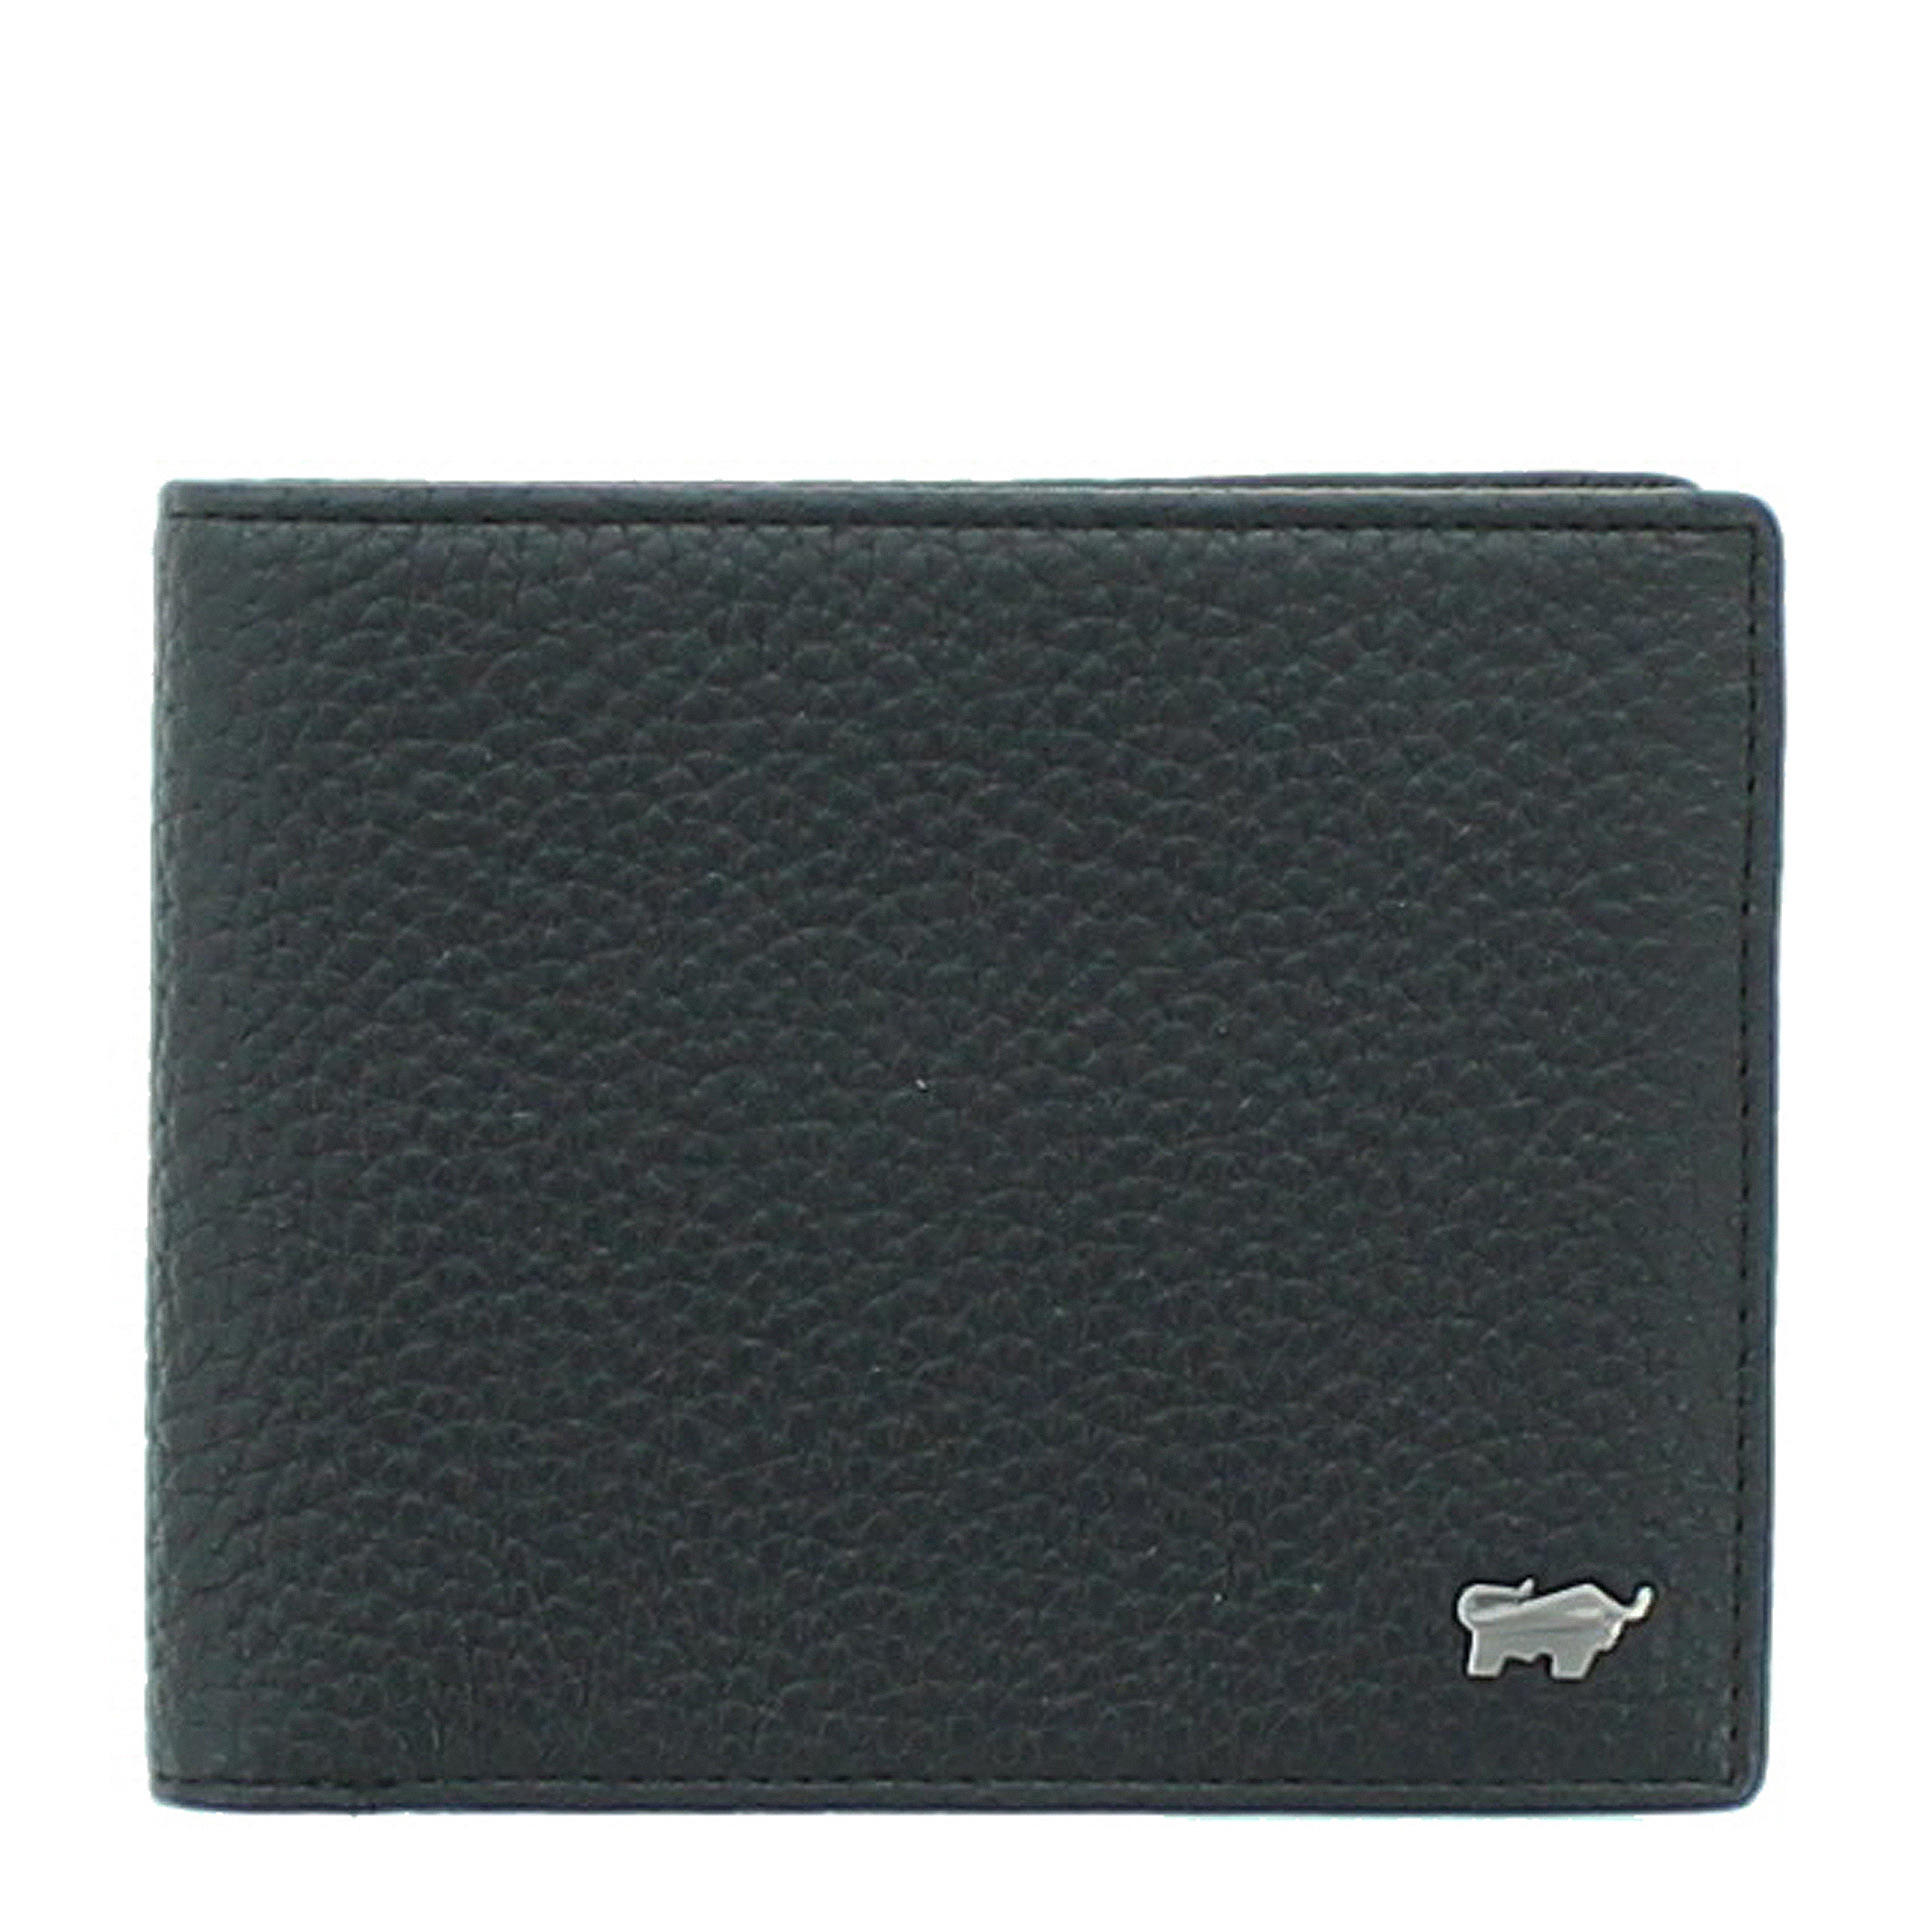 Braun Büffel Turin  RFID Geldbörse 4CS schwarz